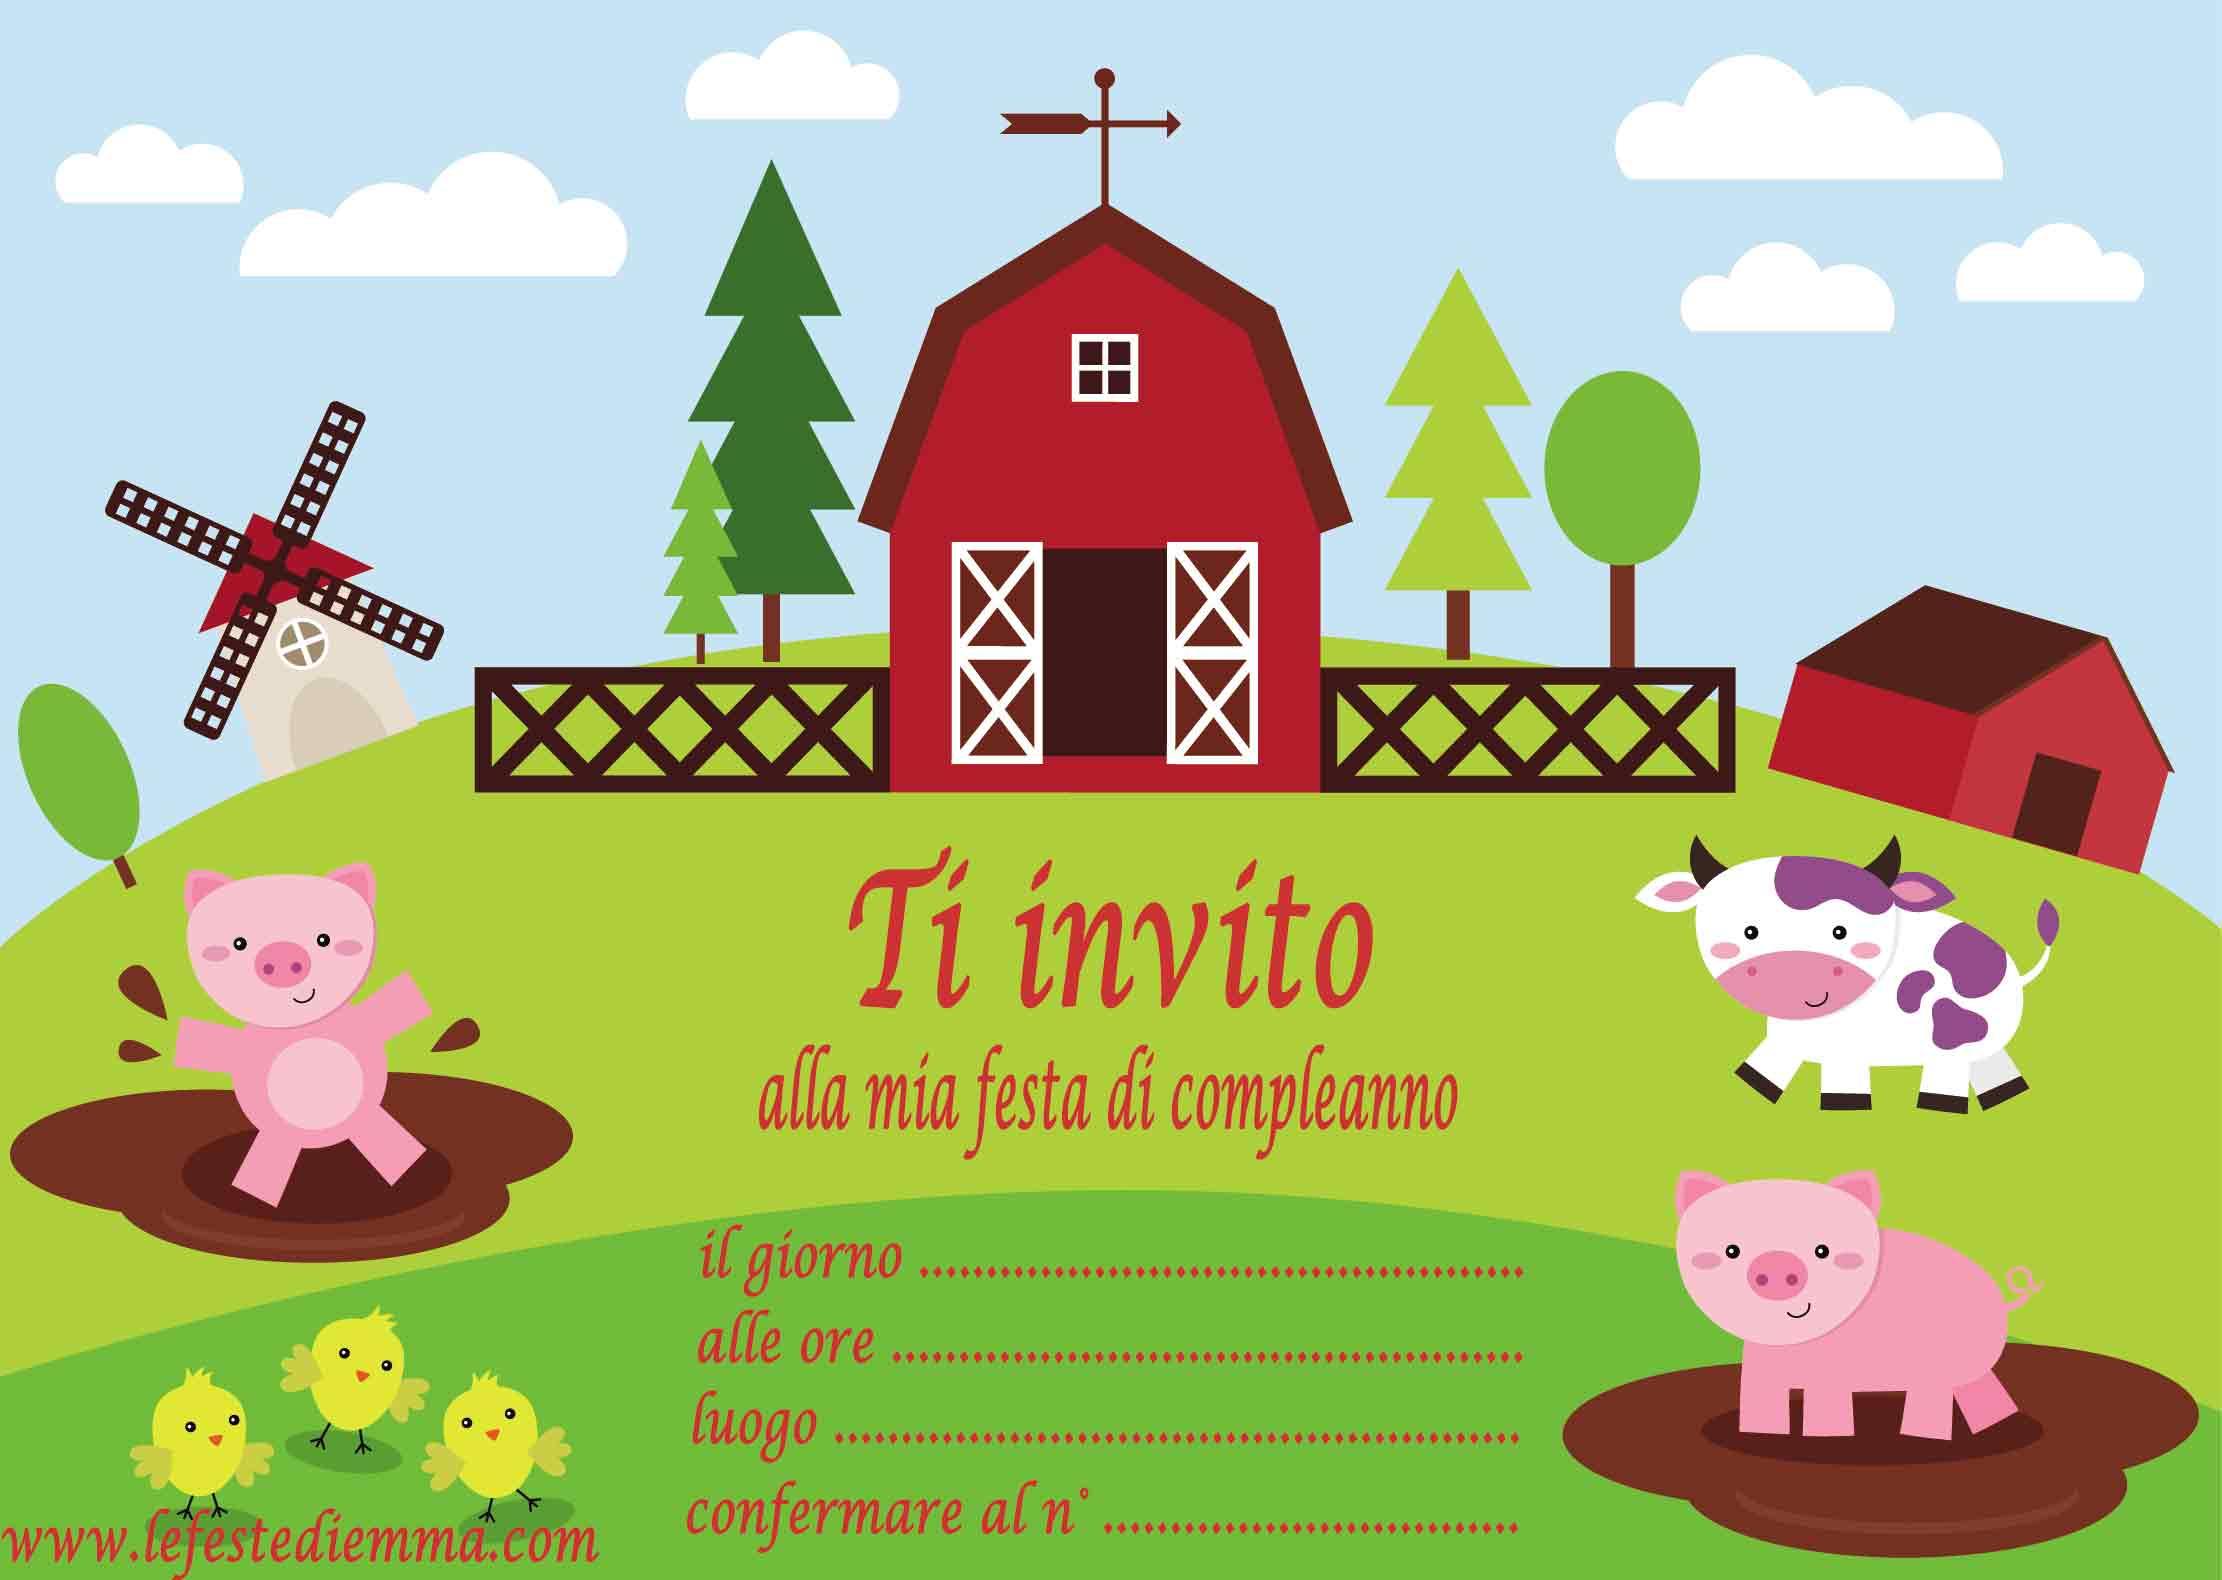 Download inviti per feste le feste di emma - Immagini di animali da stampare gratuitamente ...